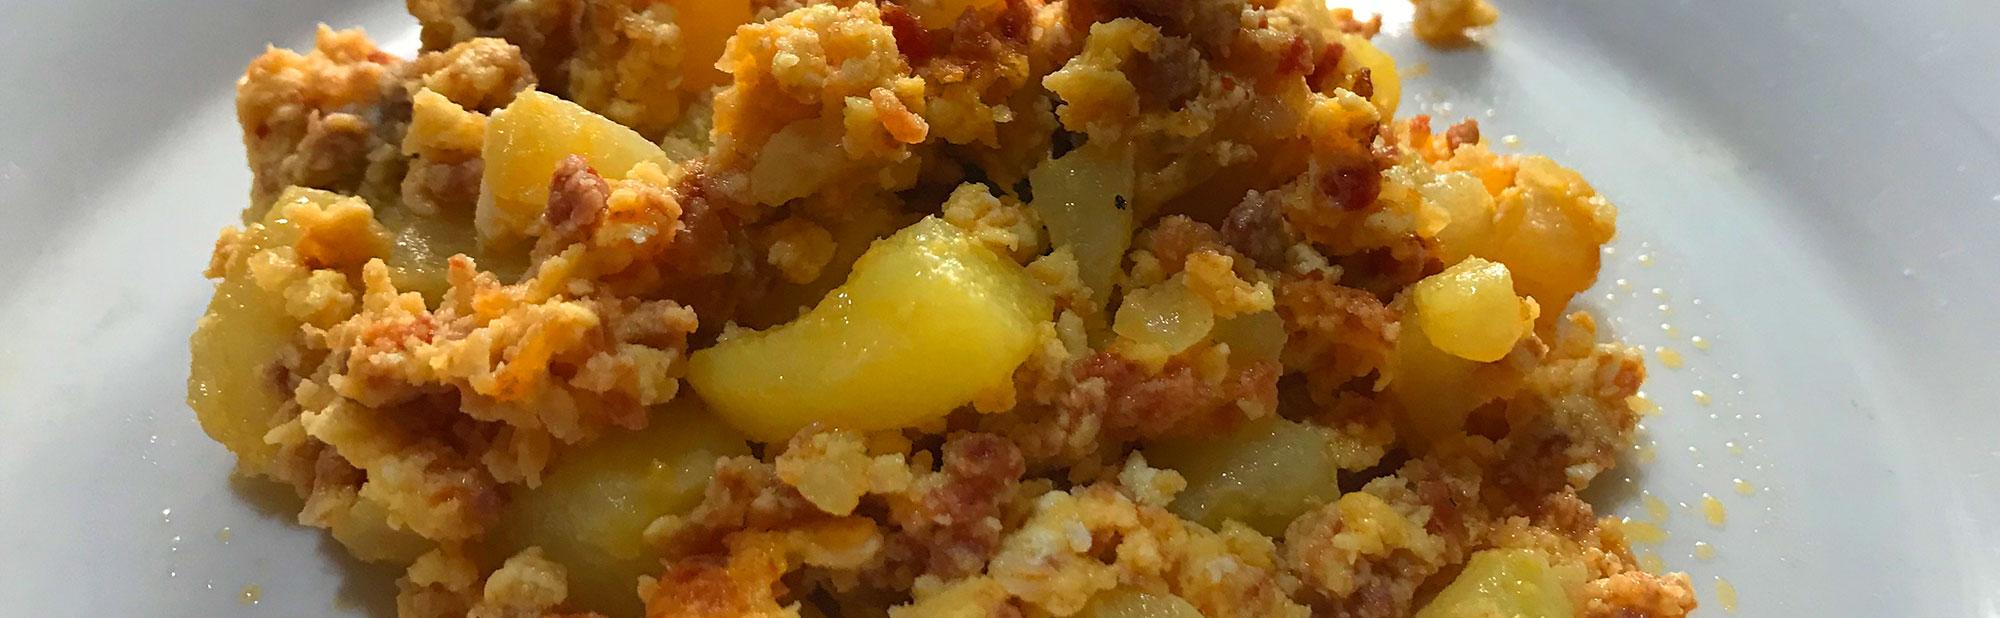 La Antojadera | Huevo con Chorizo y Papas